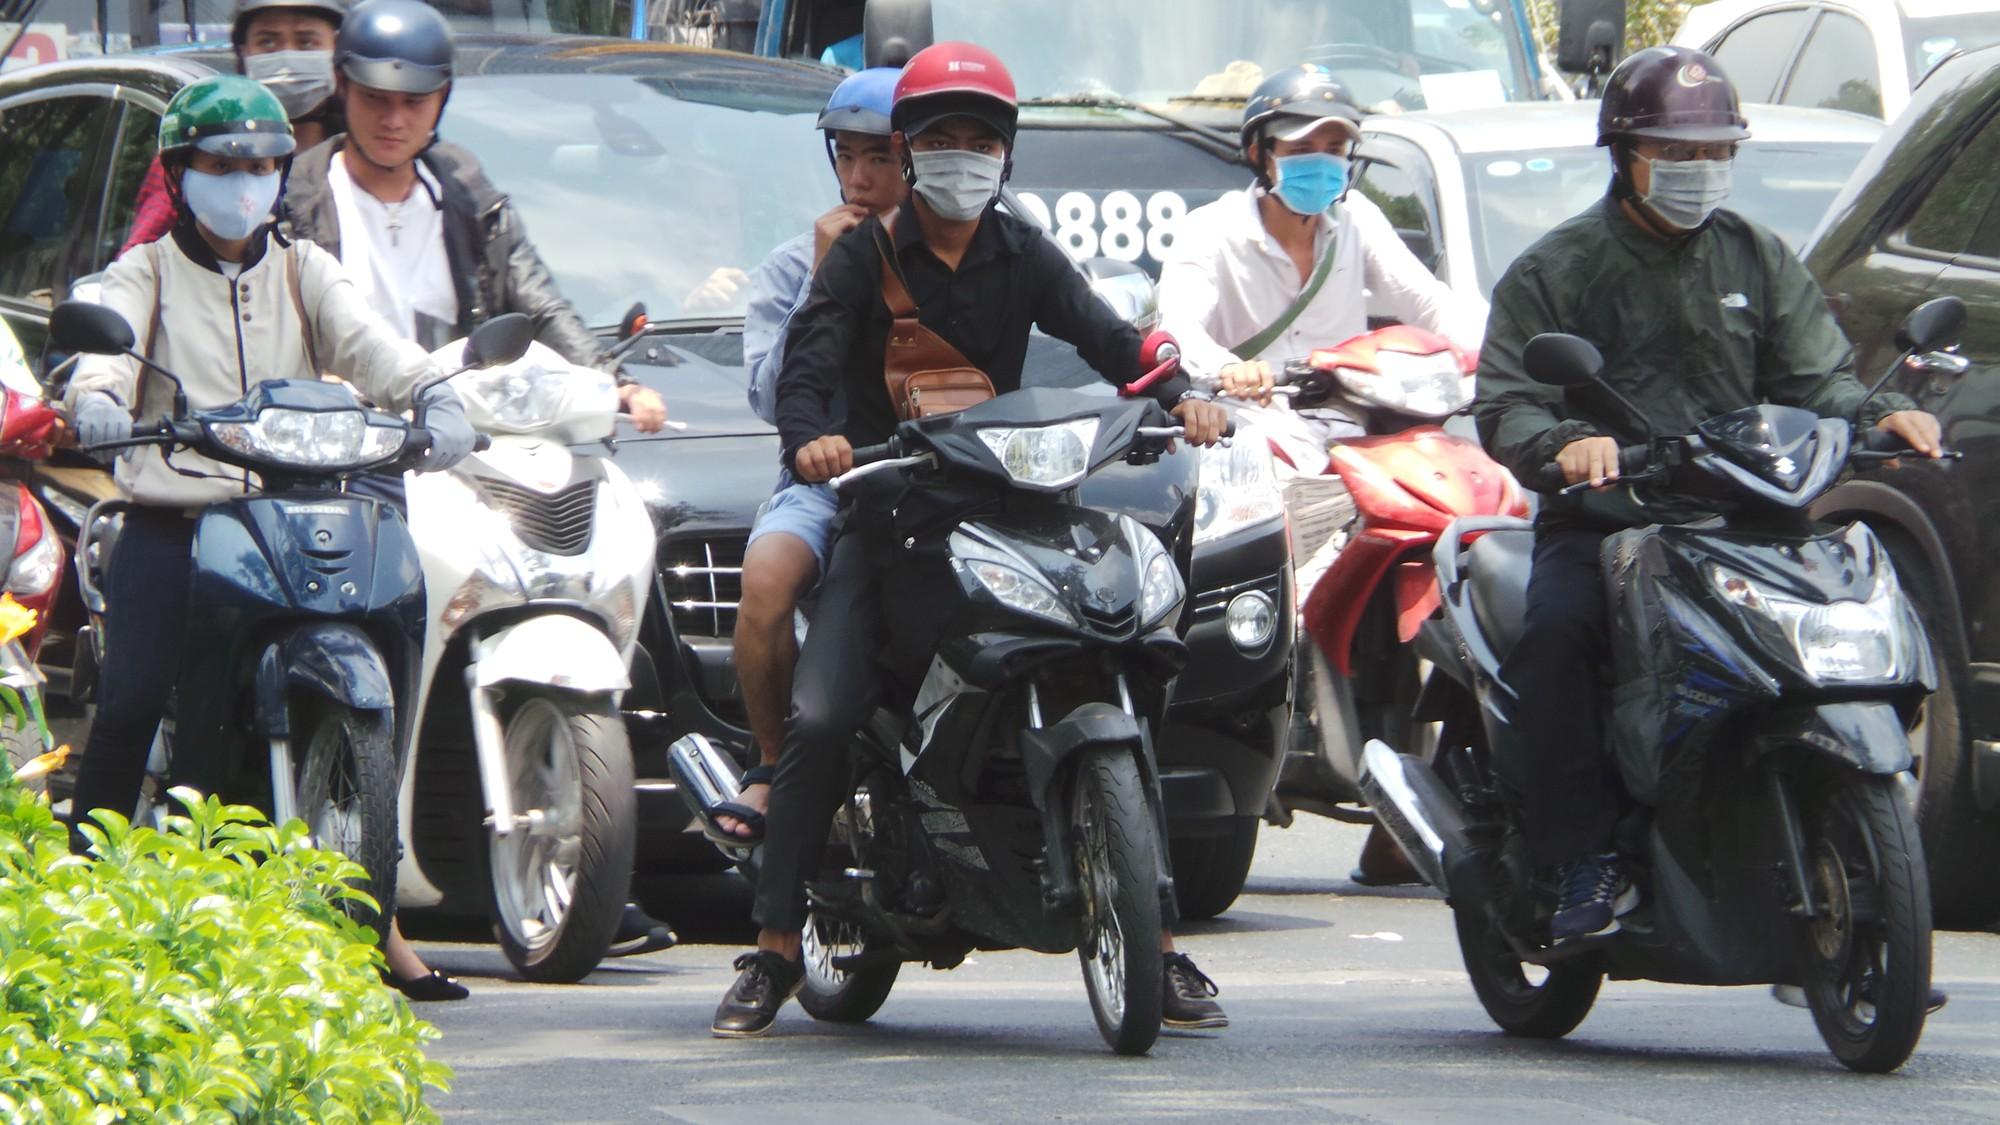 Sài Gòn nóng gần 40 độ C: Người dân xuống gầm cầu mắc võng ngủ trưa - Ảnh 8.